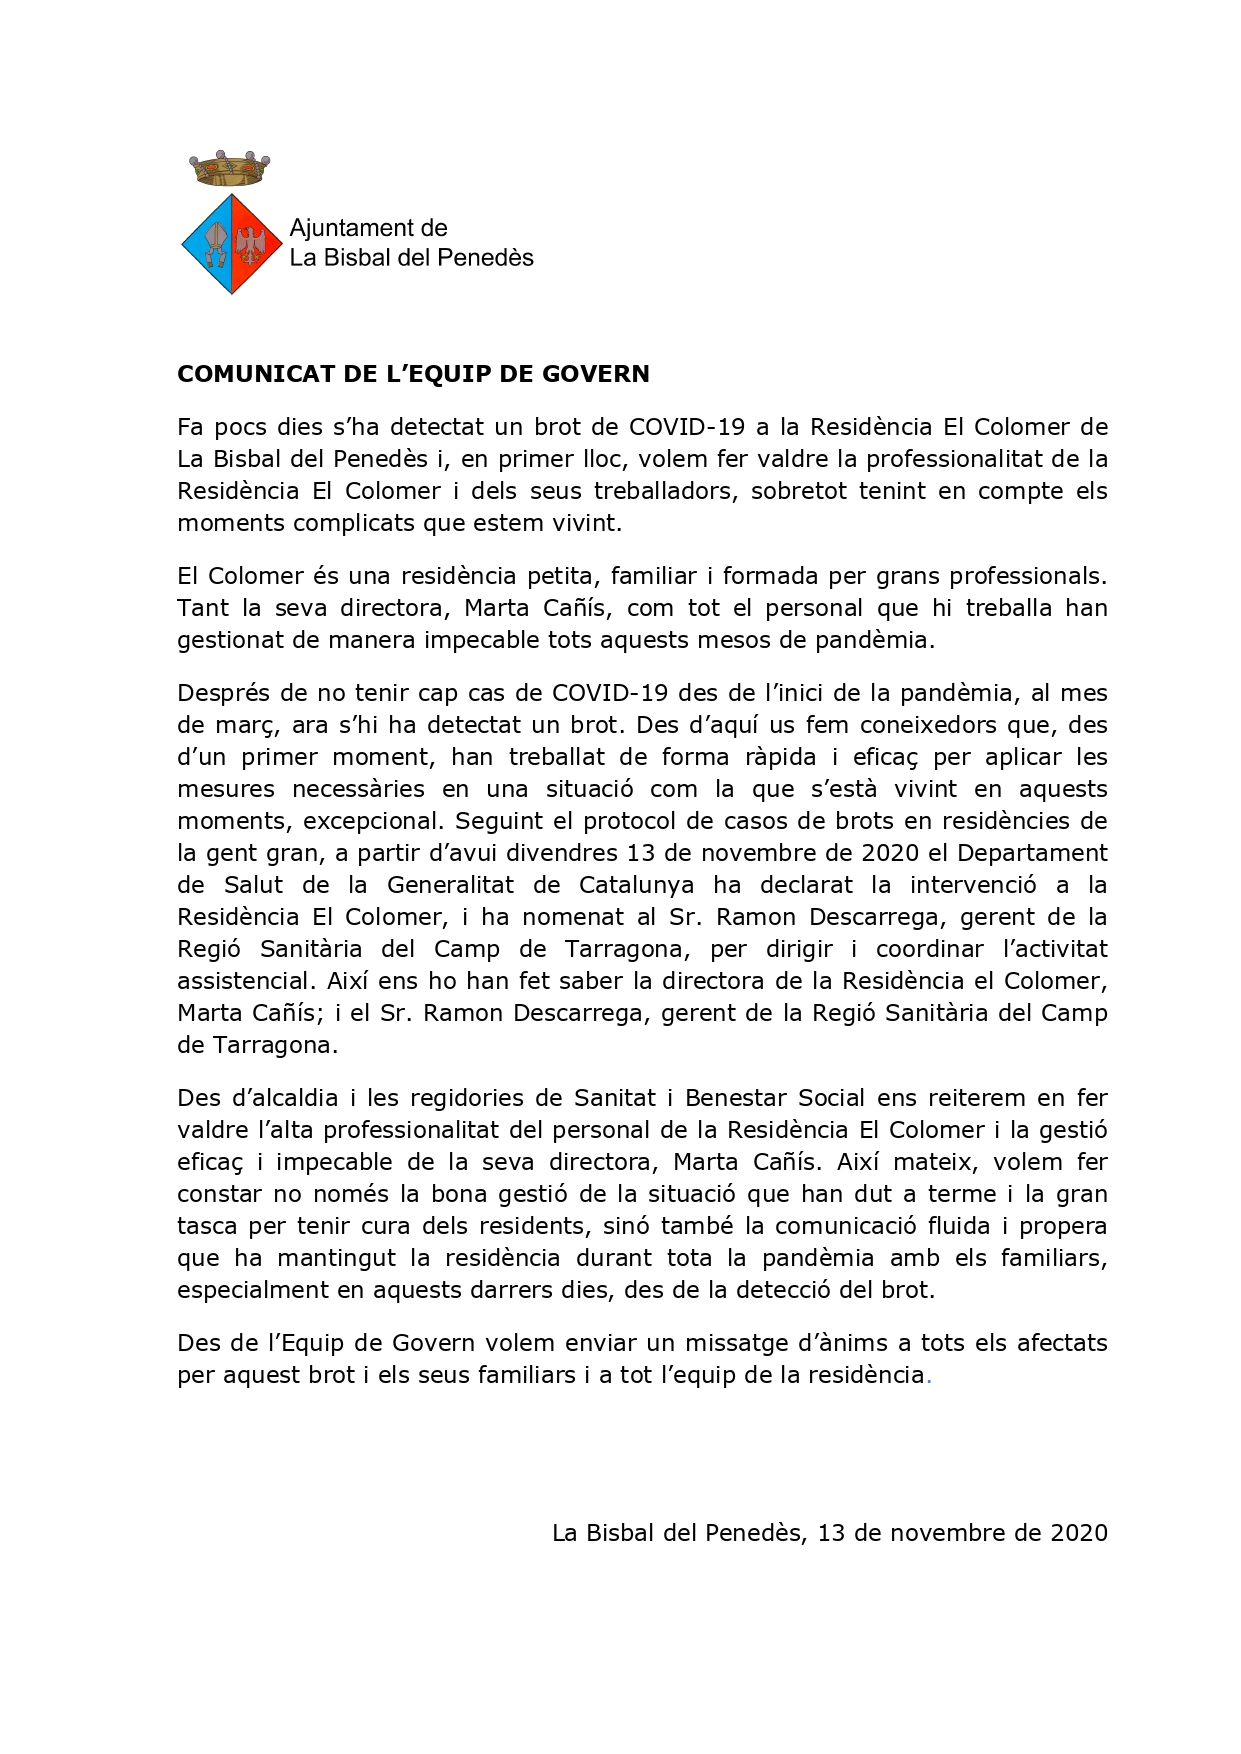 Comunicat de l'Equip de Govern sobre el brot de COVID-19 detectat a la Residència El Colomer